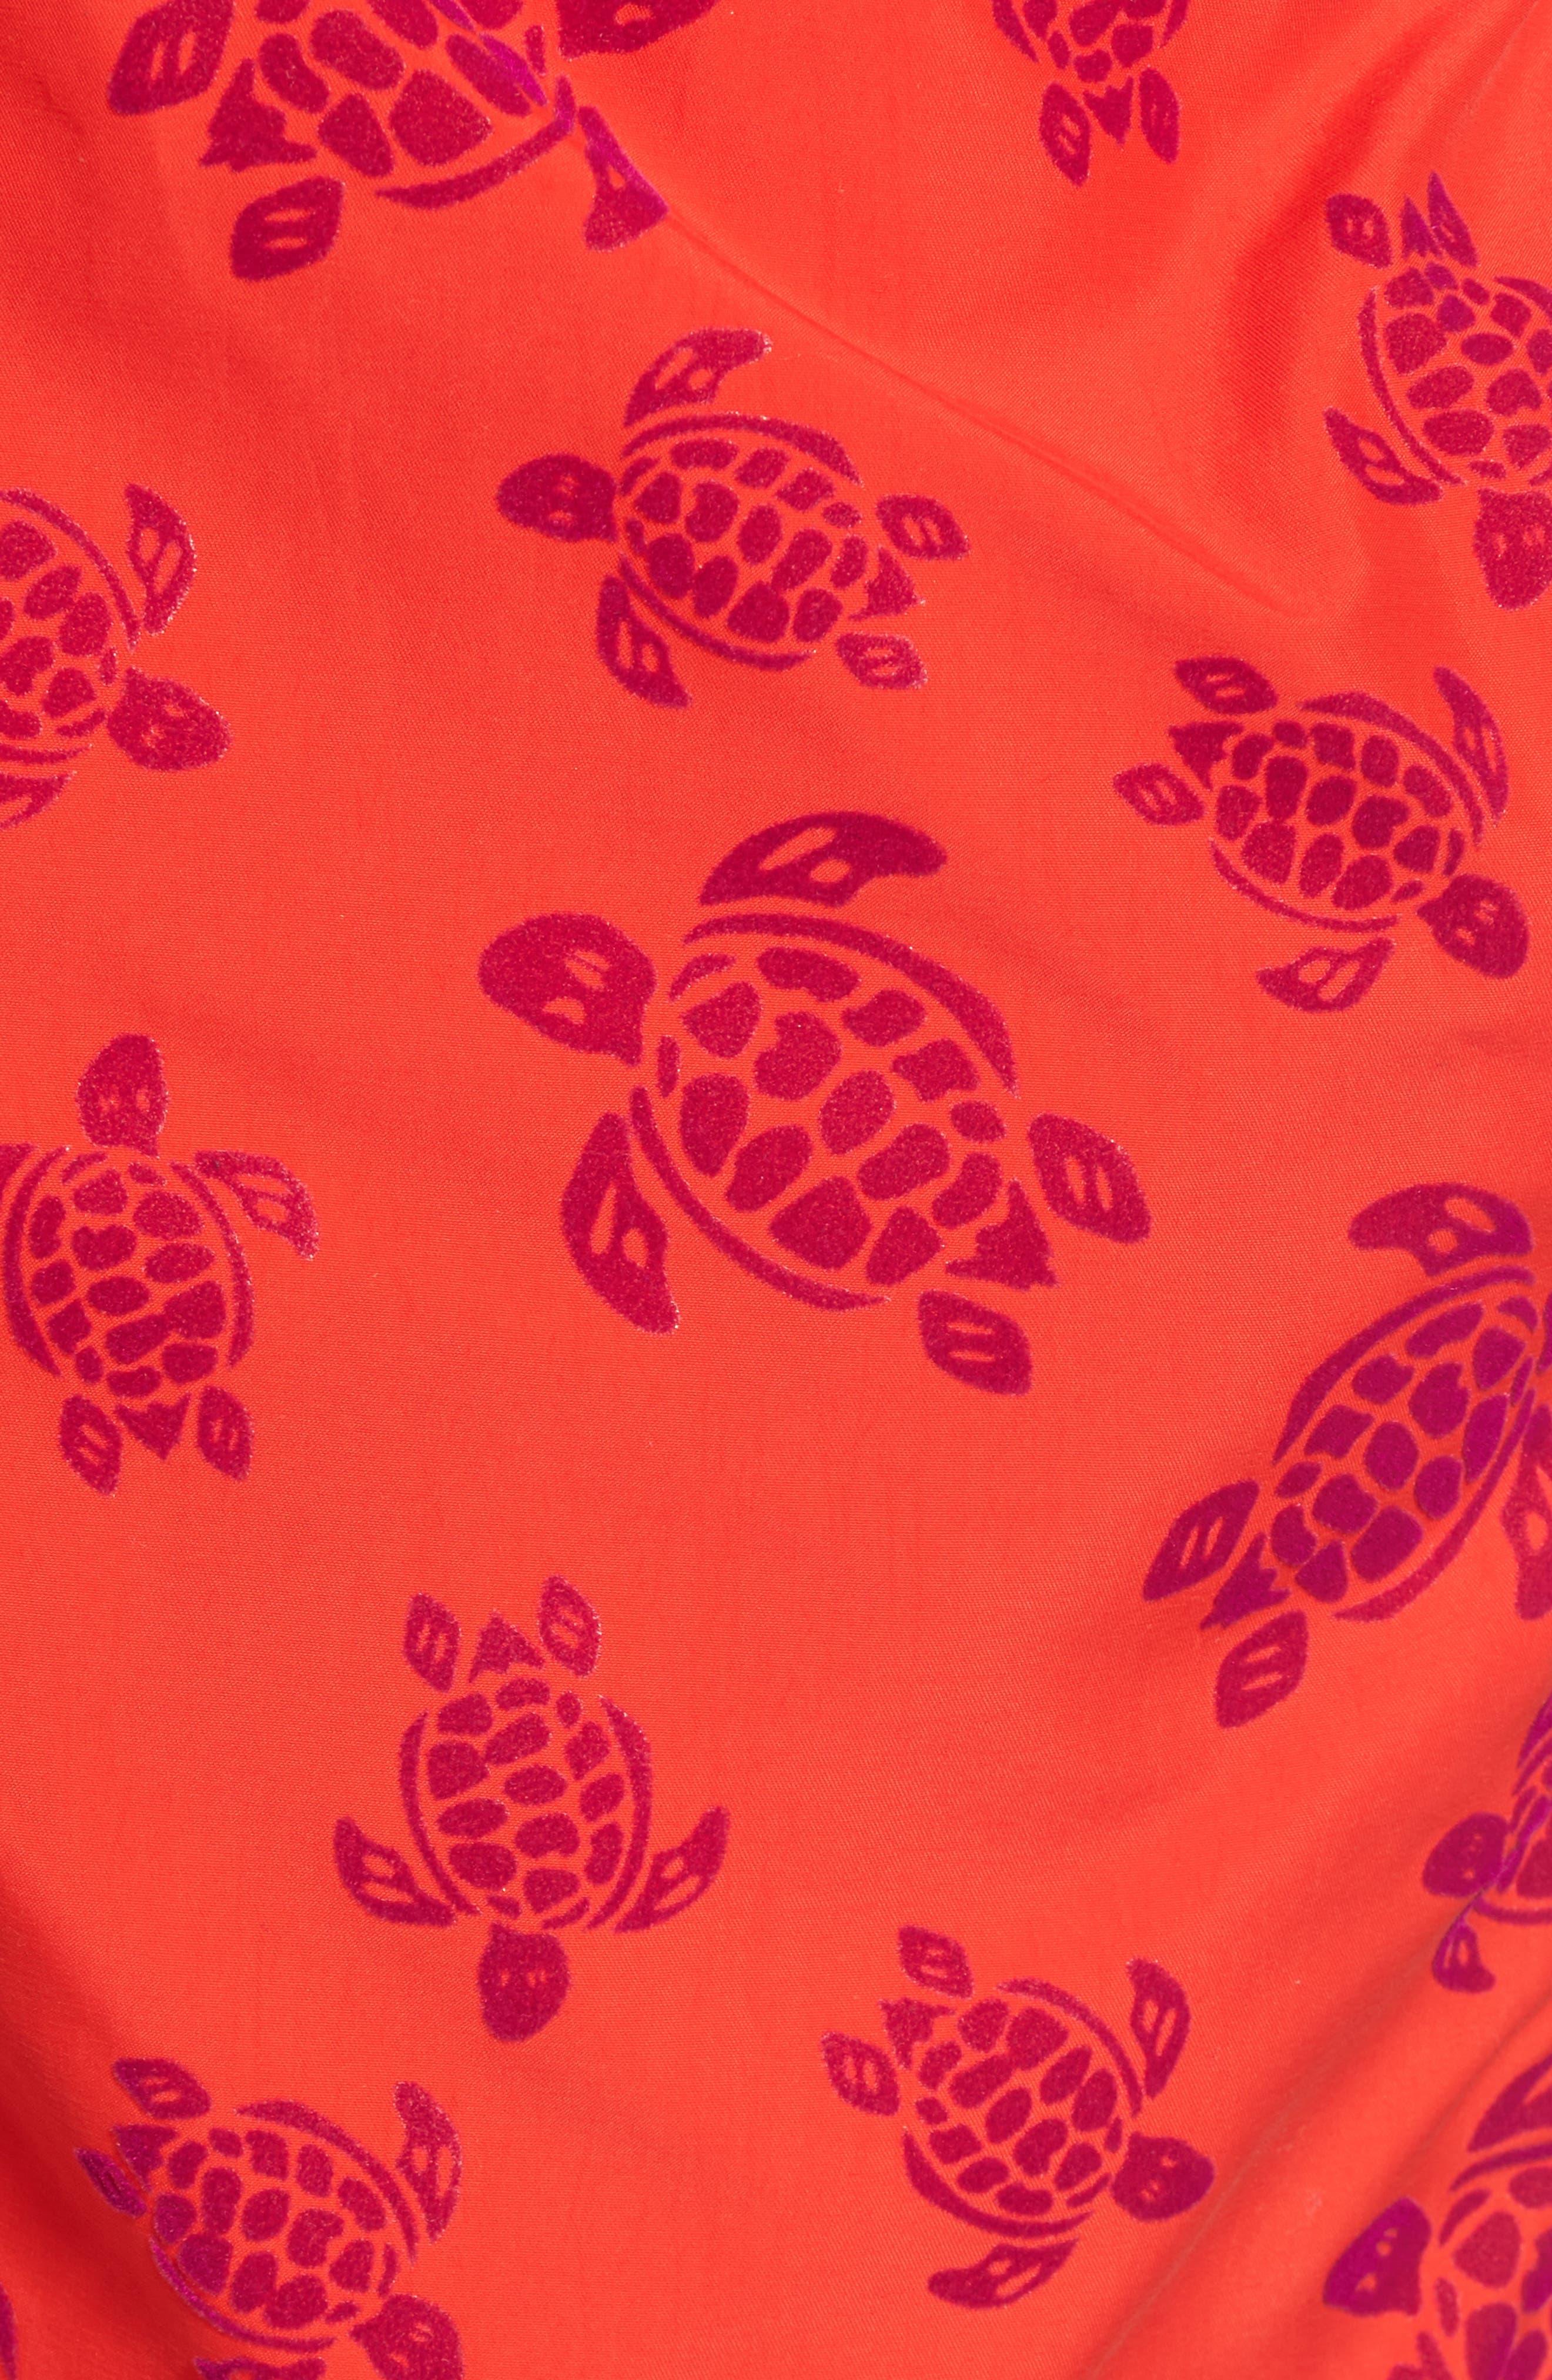 Flocked Turtles Swim Trunks,                             Alternate thumbnail 5, color,                             612